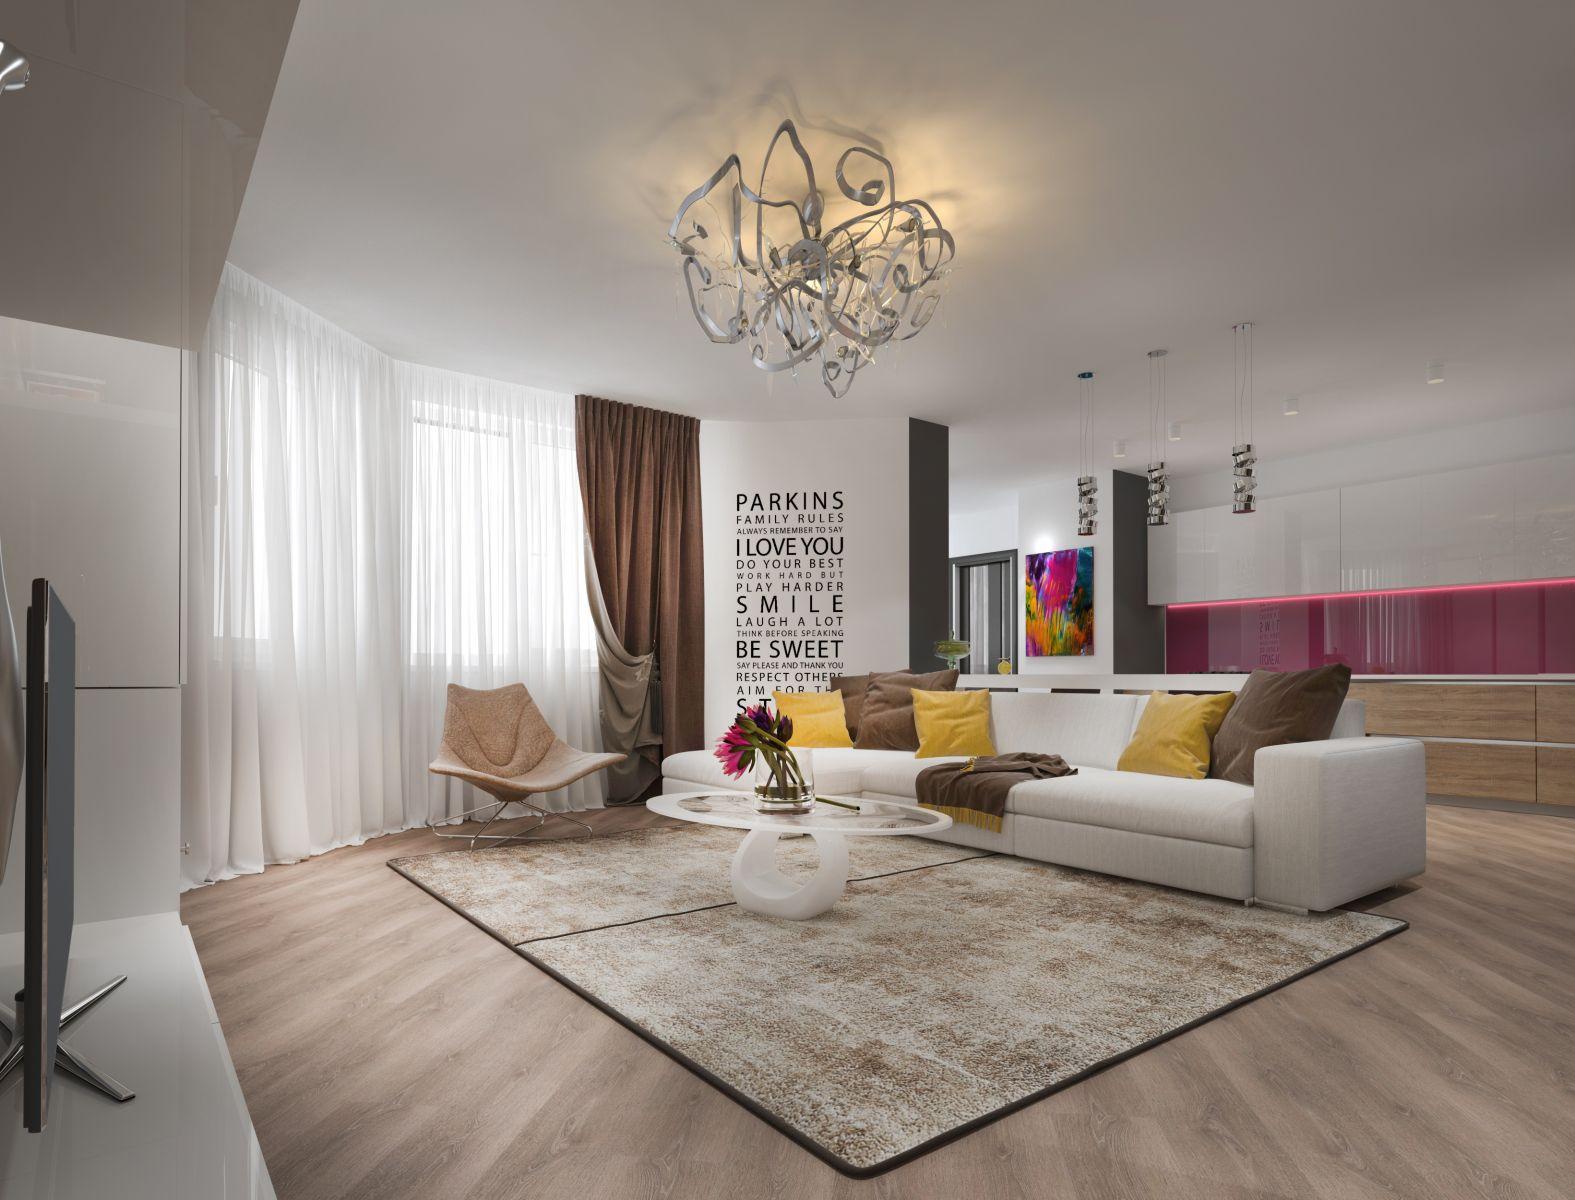 Как оформить квартиру-студию: 5 правил интерьера open-space - фото №4